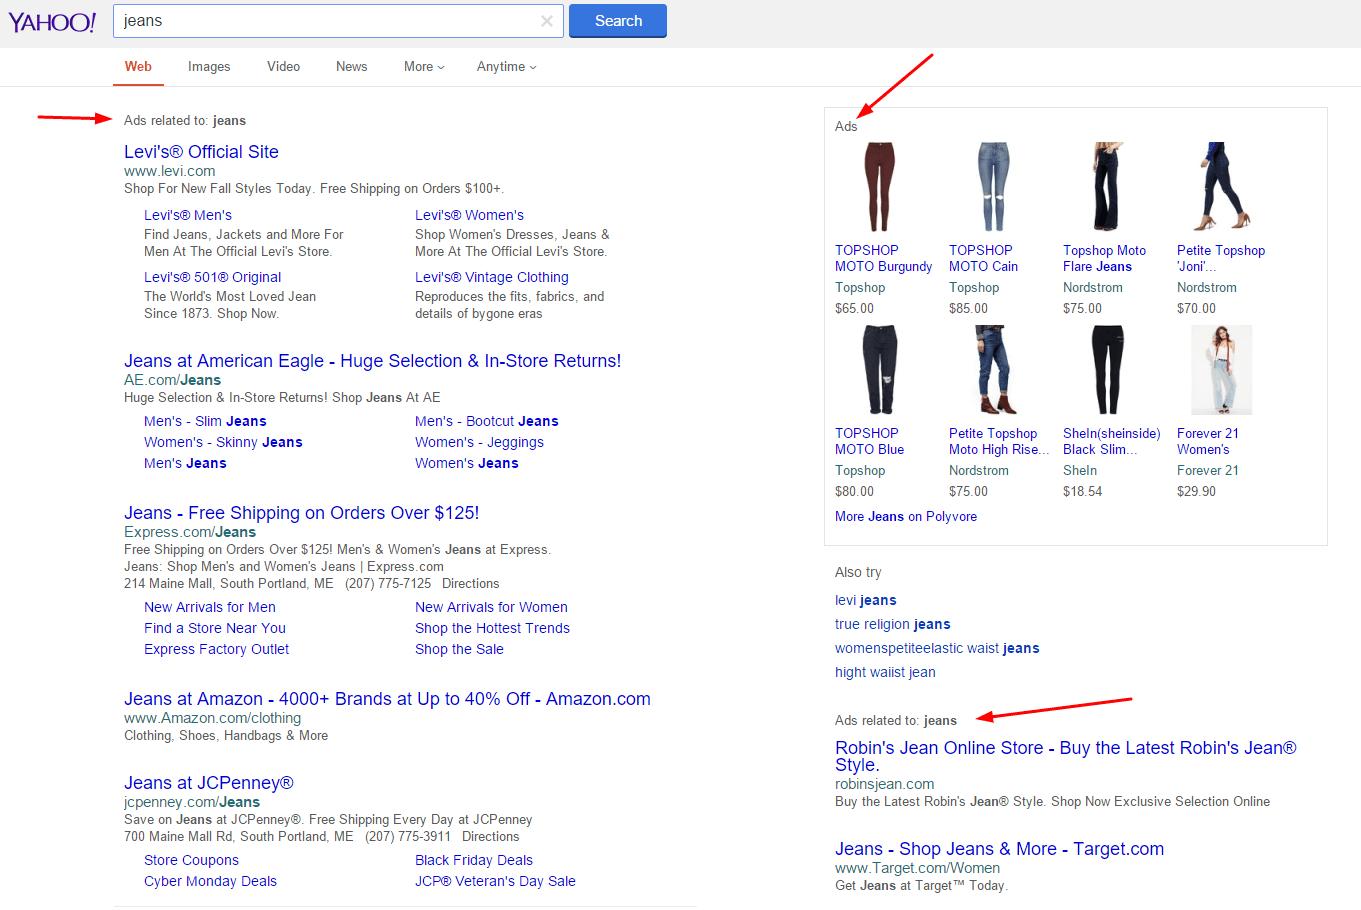 divulgaciones de anuncios de búsqueda de yahoo